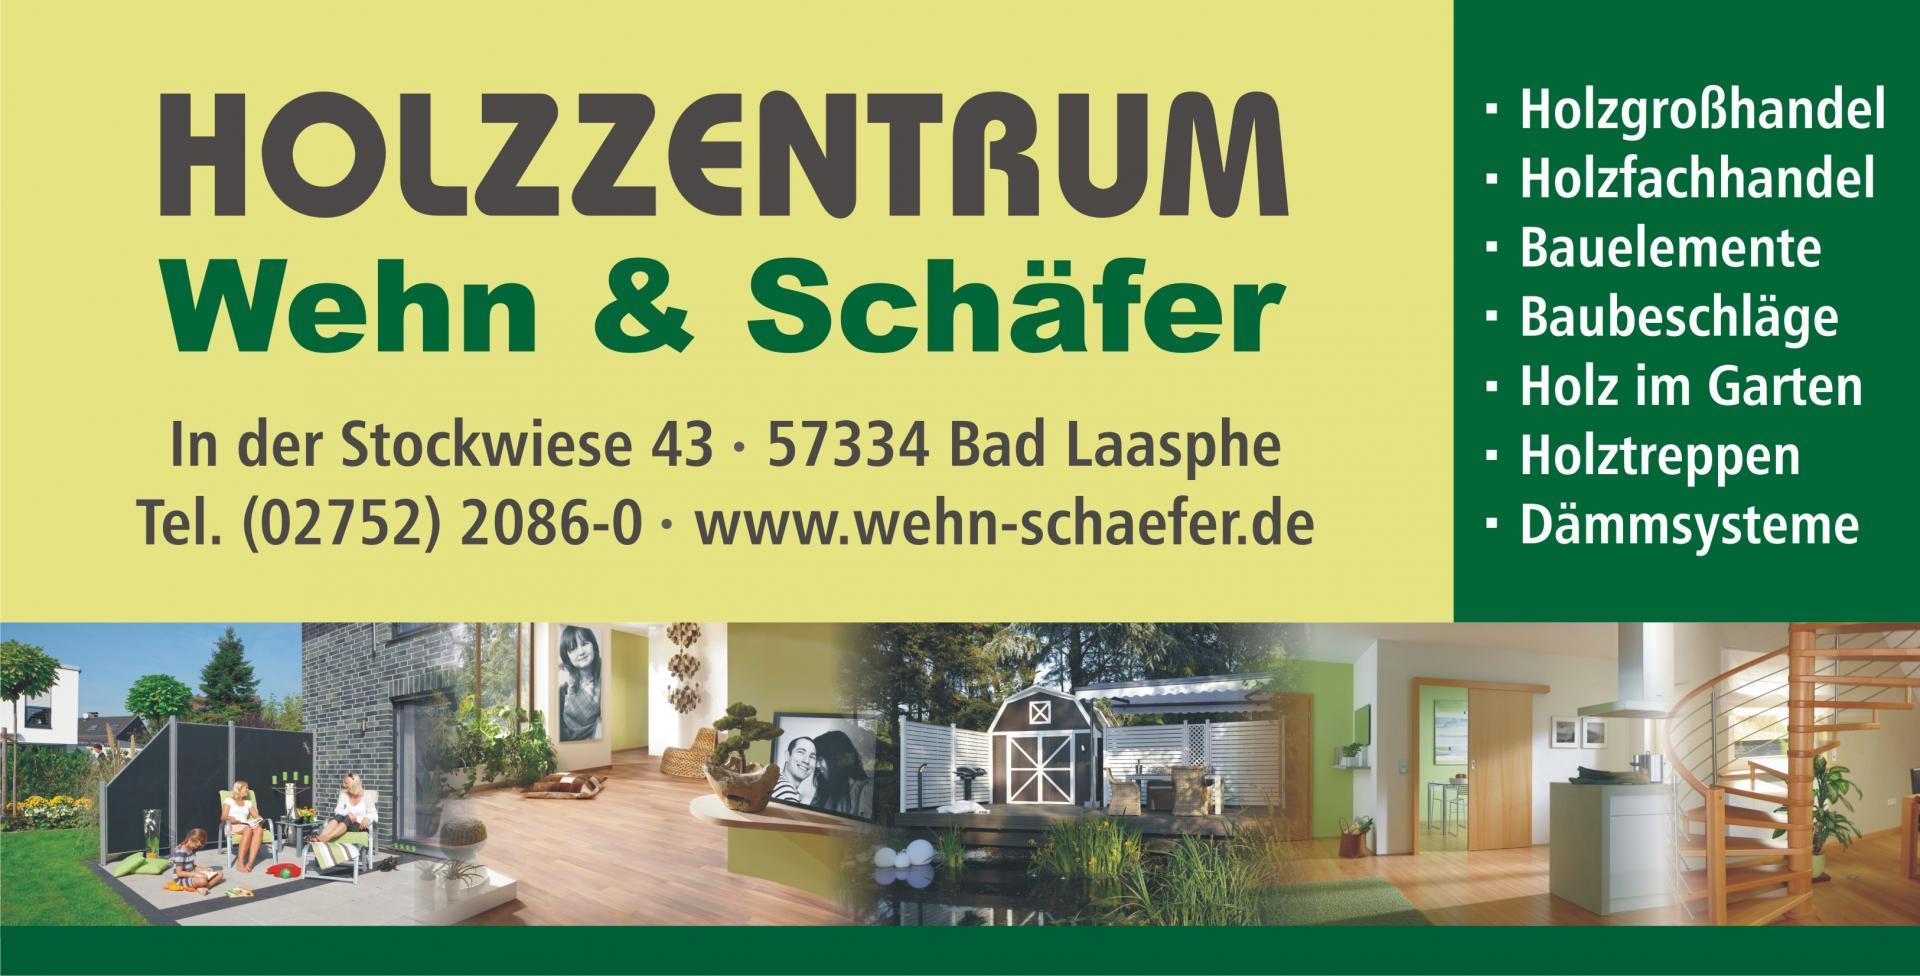 Wehn & Schäfer